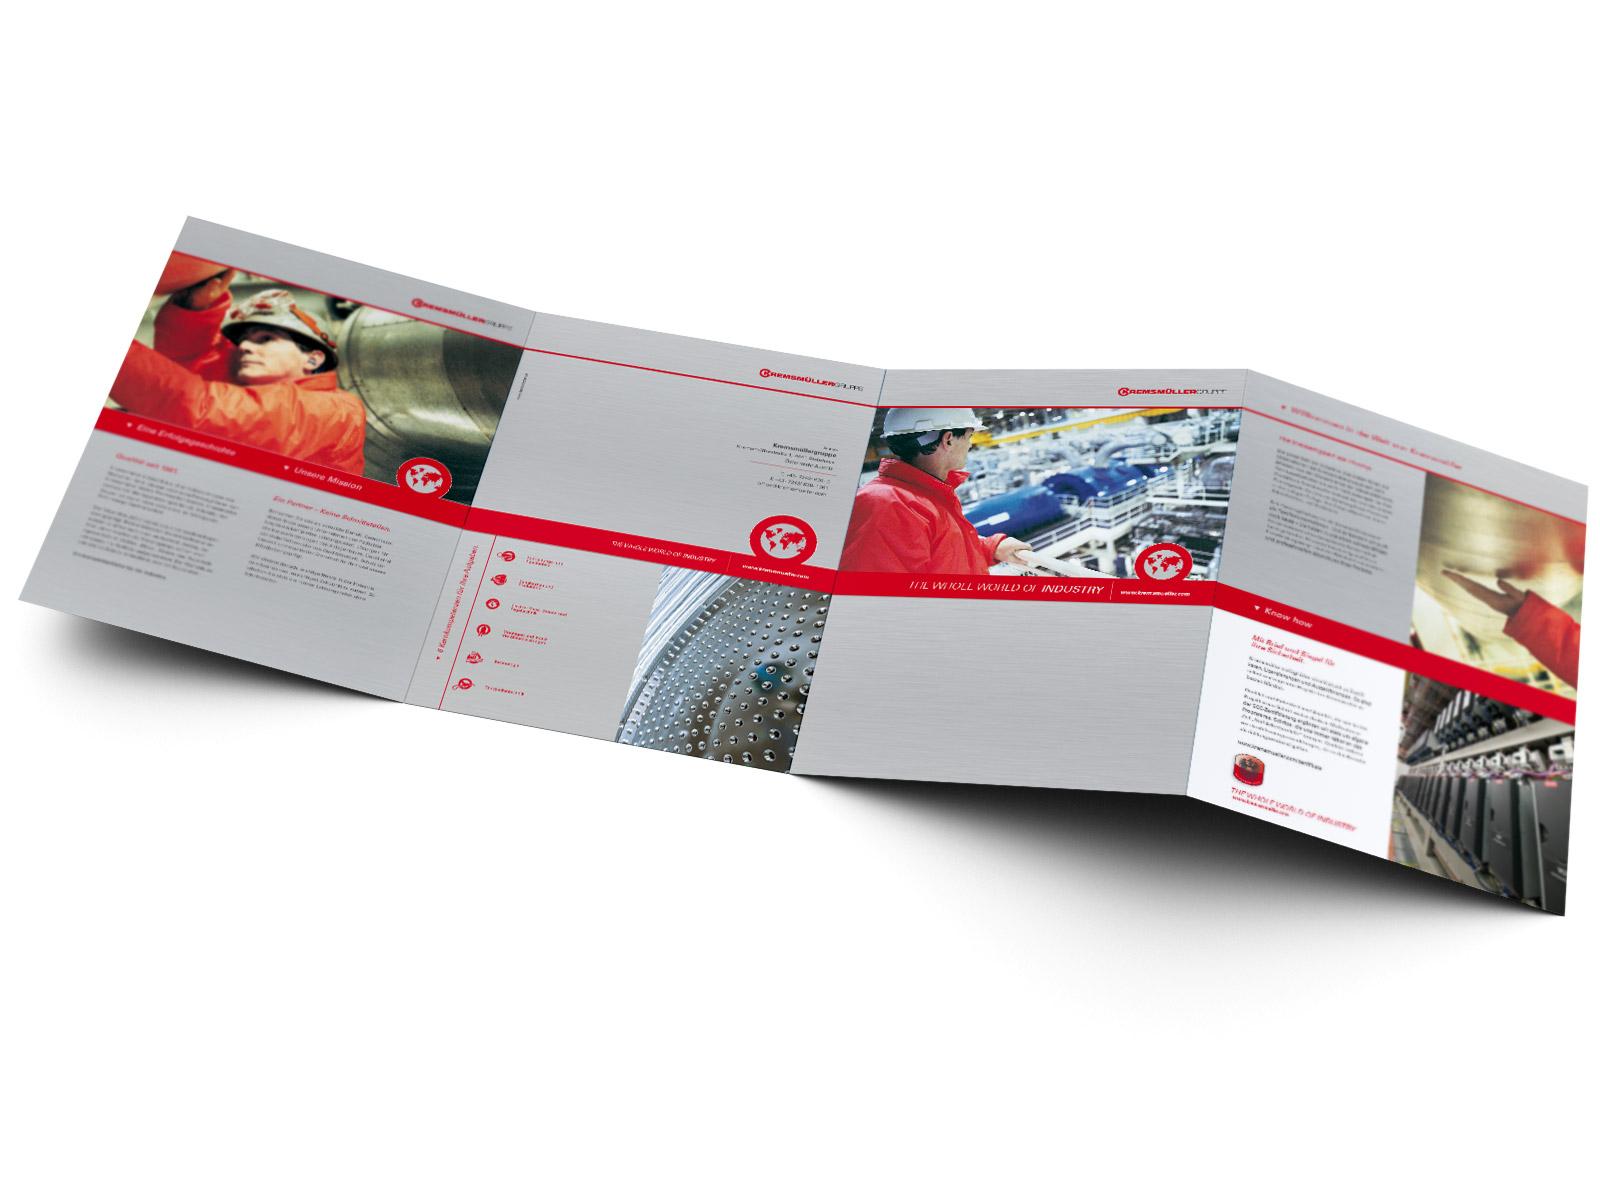 imagefolder-kremsmueller-designkitchen2.jpg